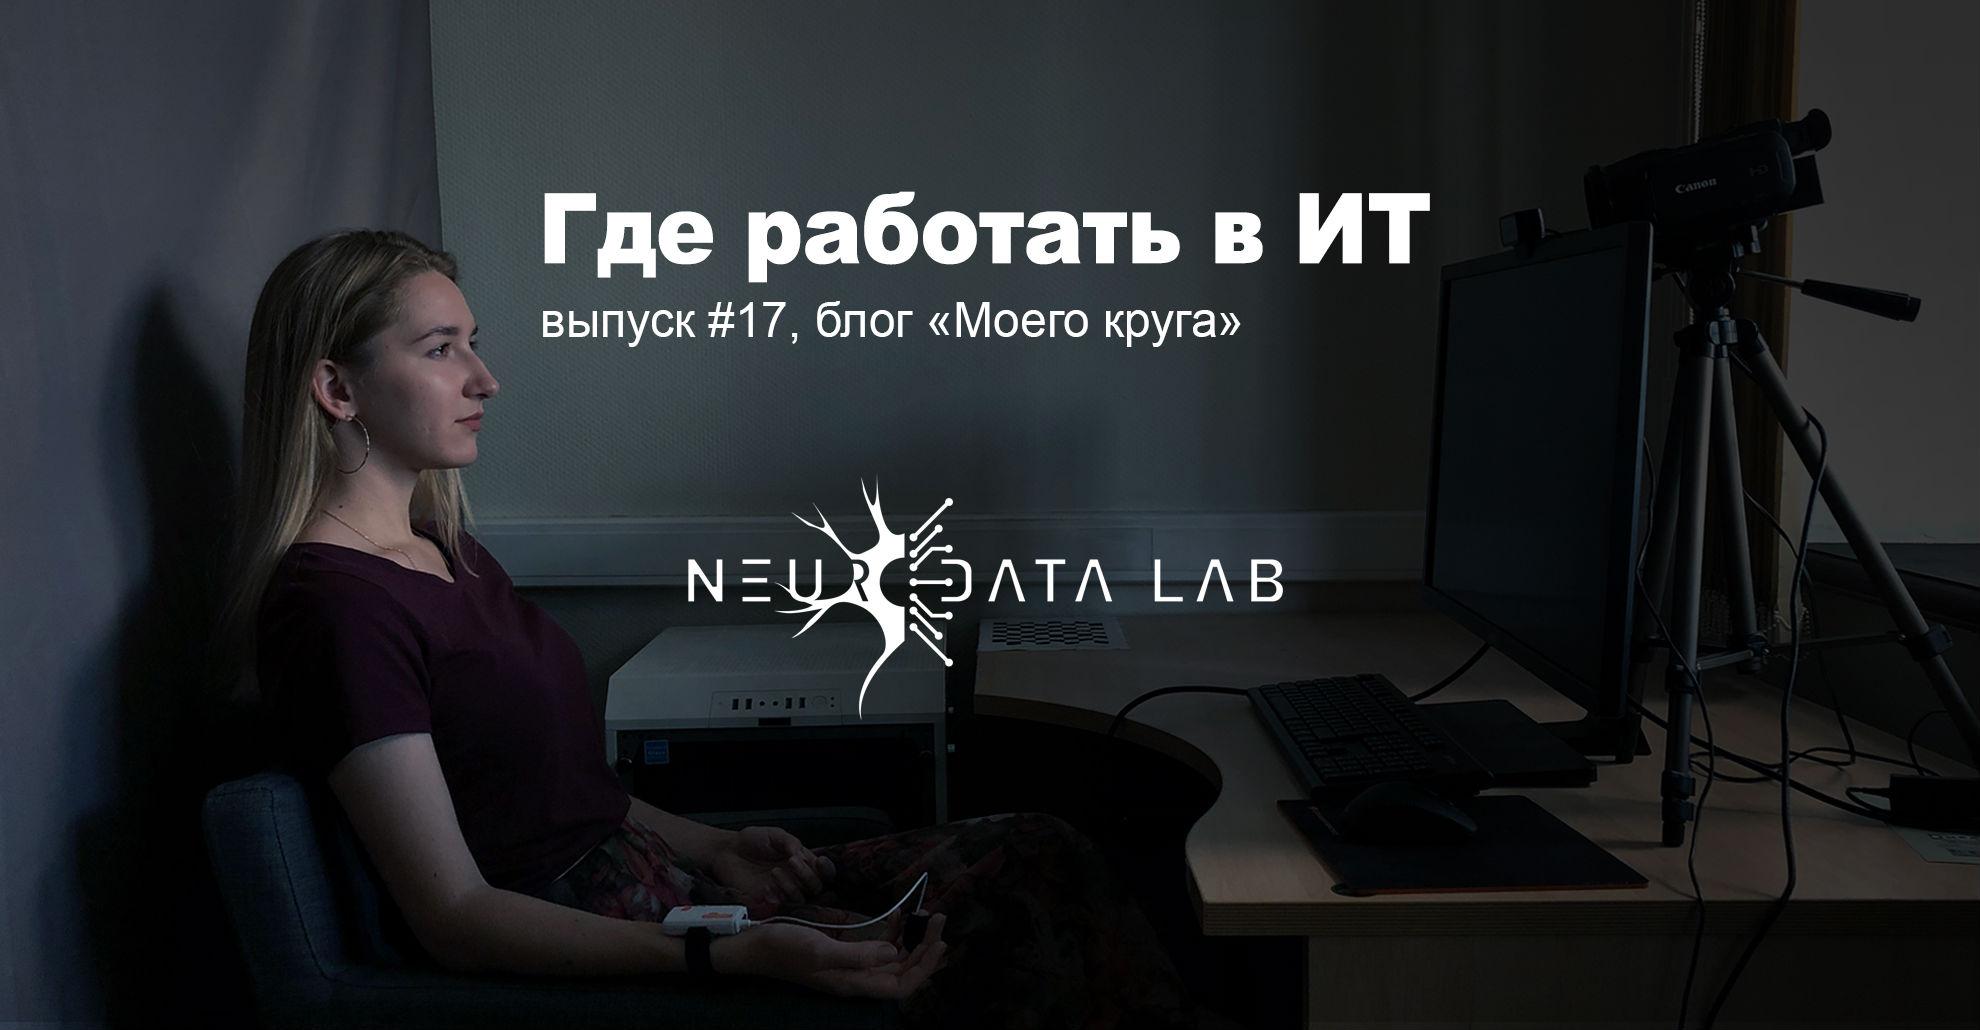 Компьютерное зрение видит эмоции, пульс, дыхание и ложь — но как построить на этом стартап. Разговор с Neurodata Lab - 1